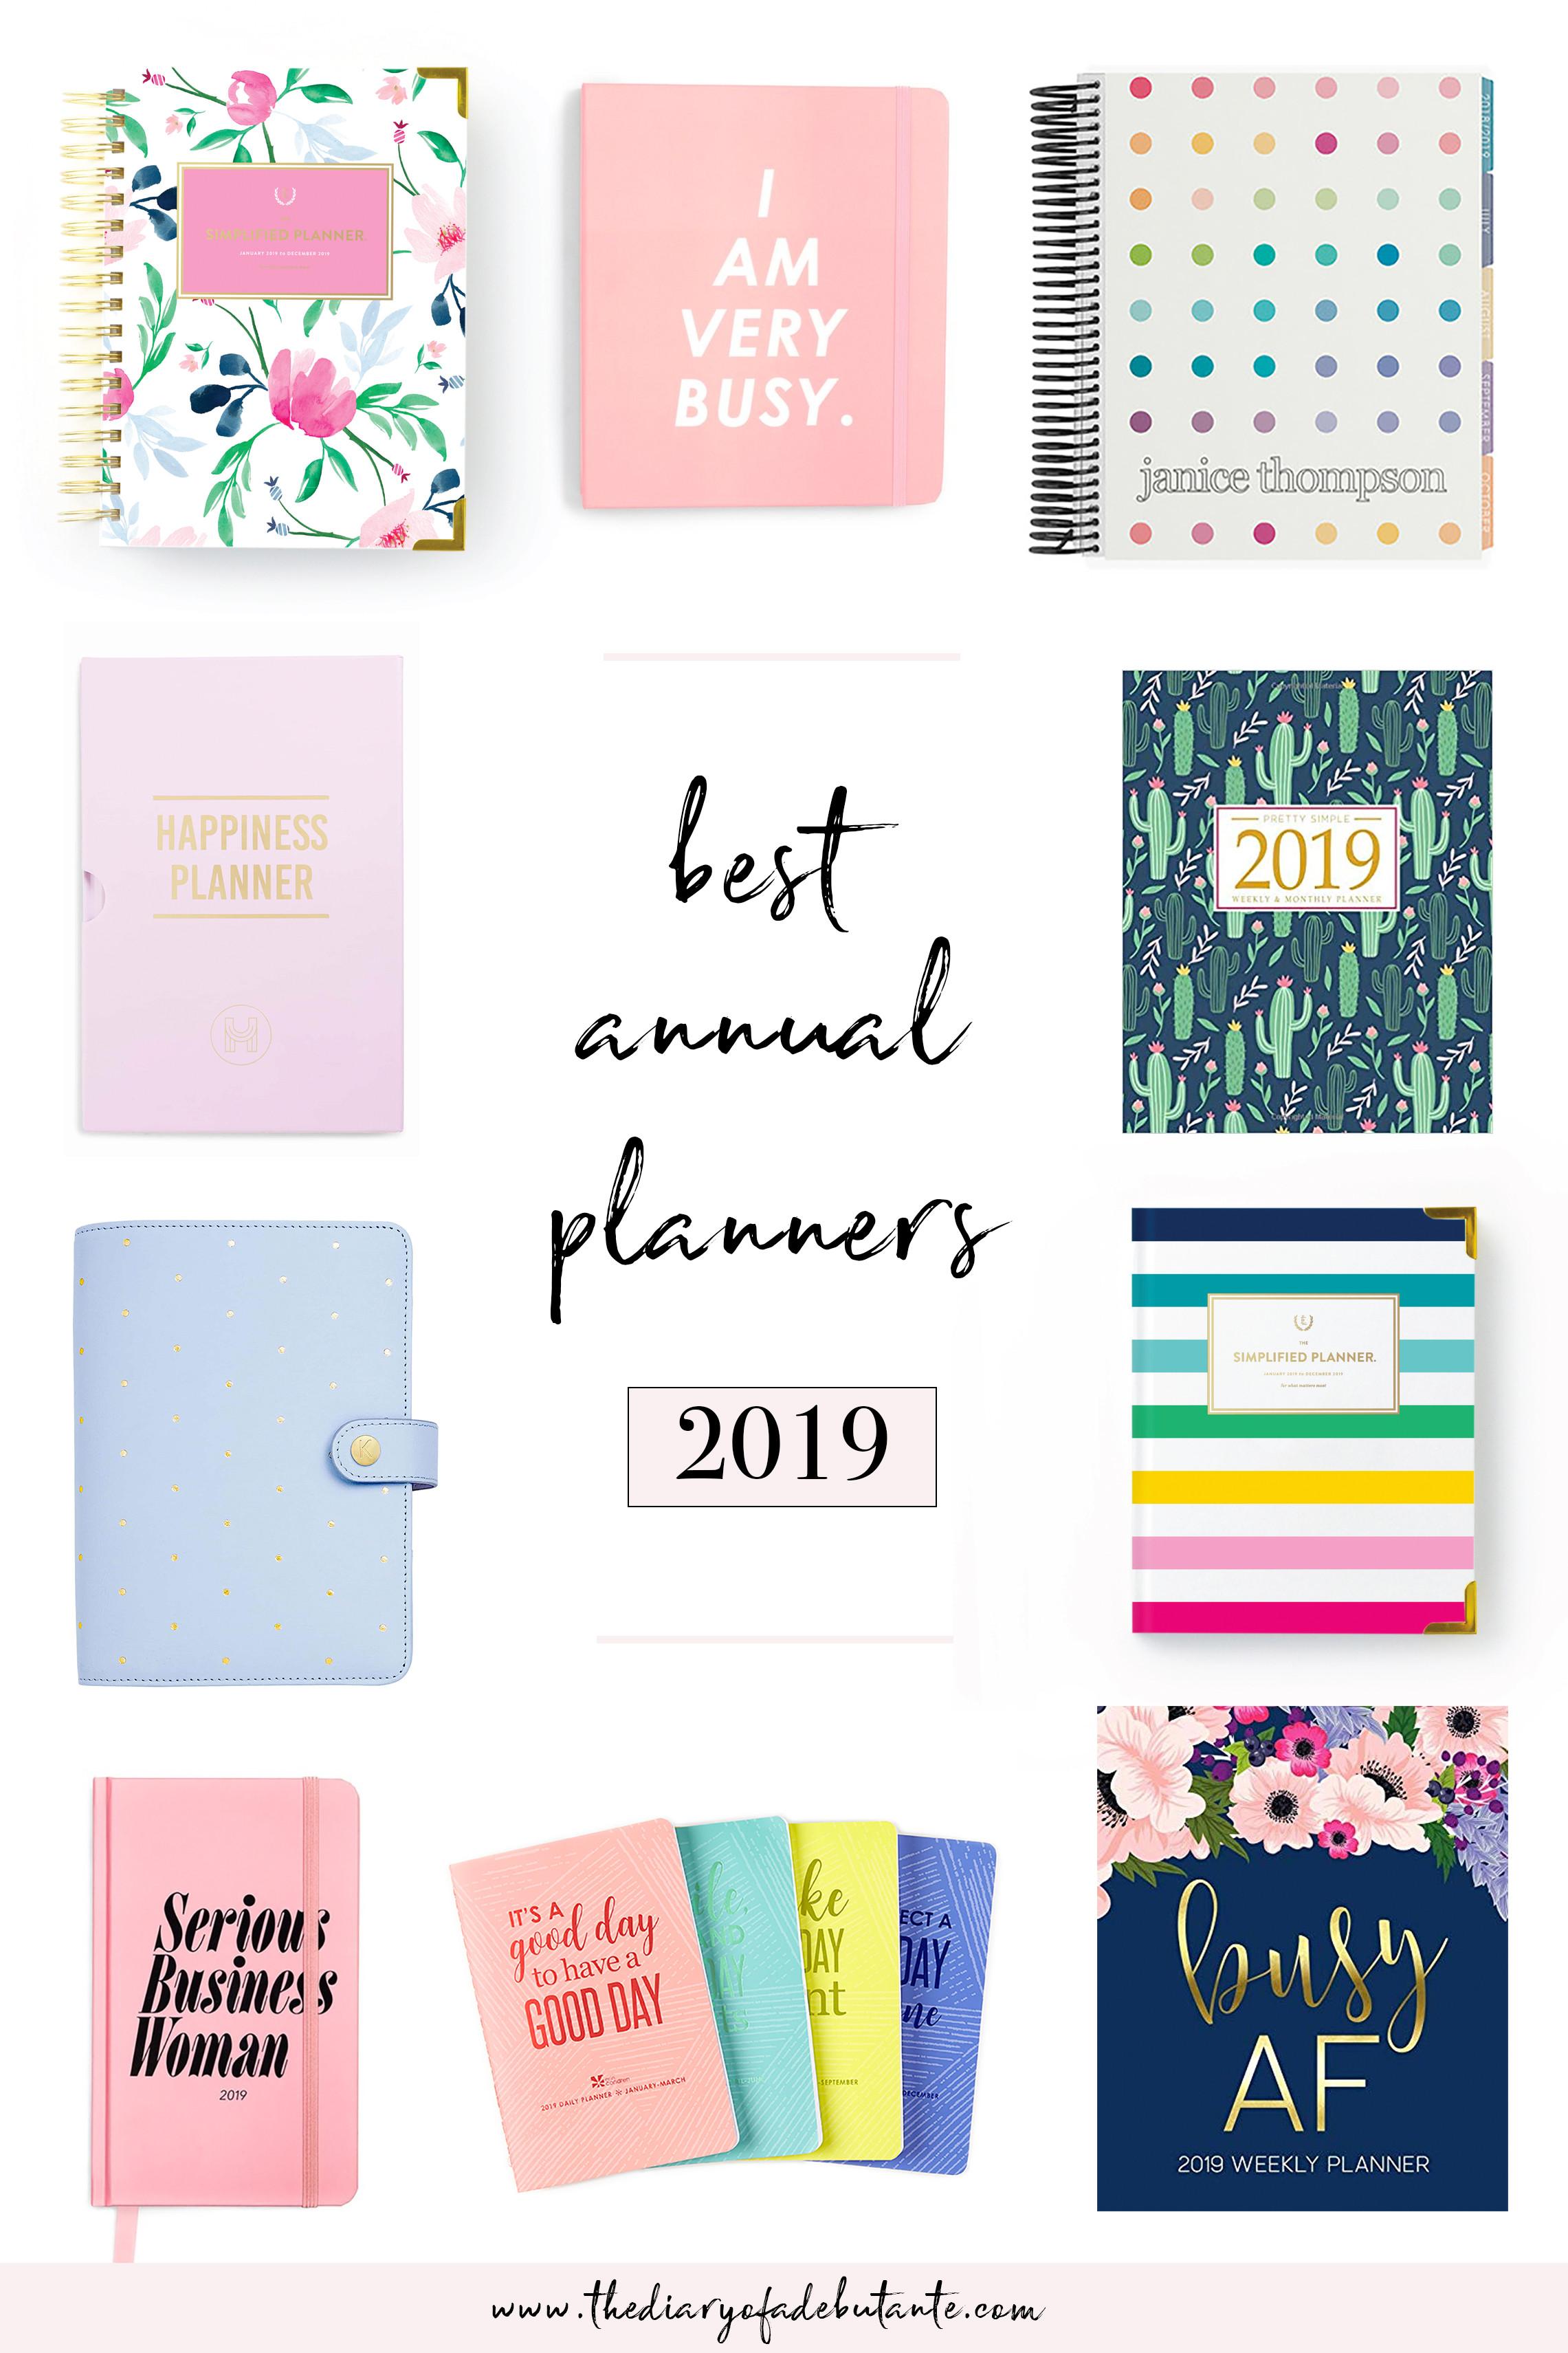 Best Organizer Planner  Best Planners for Working Women 2019 Annual Planner Round Up